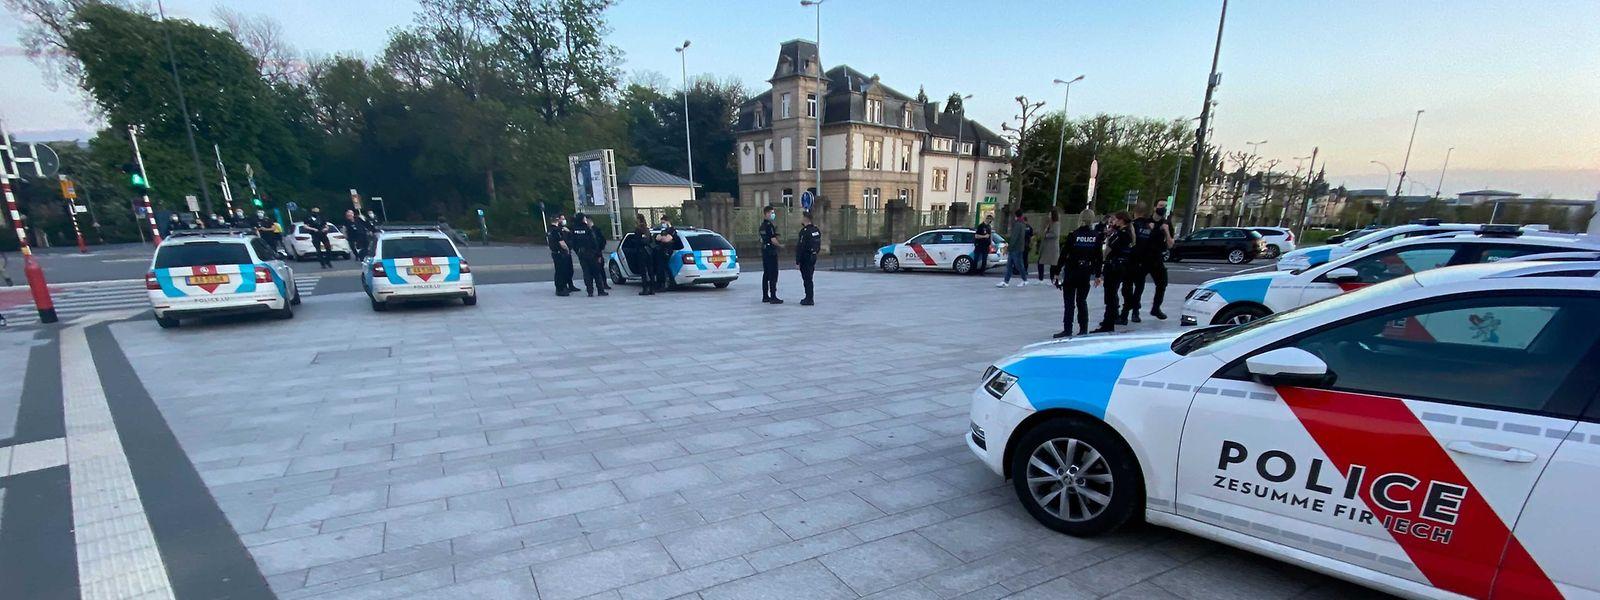 Le déploiement de police était bien visible aux abords du parc de la capitale.